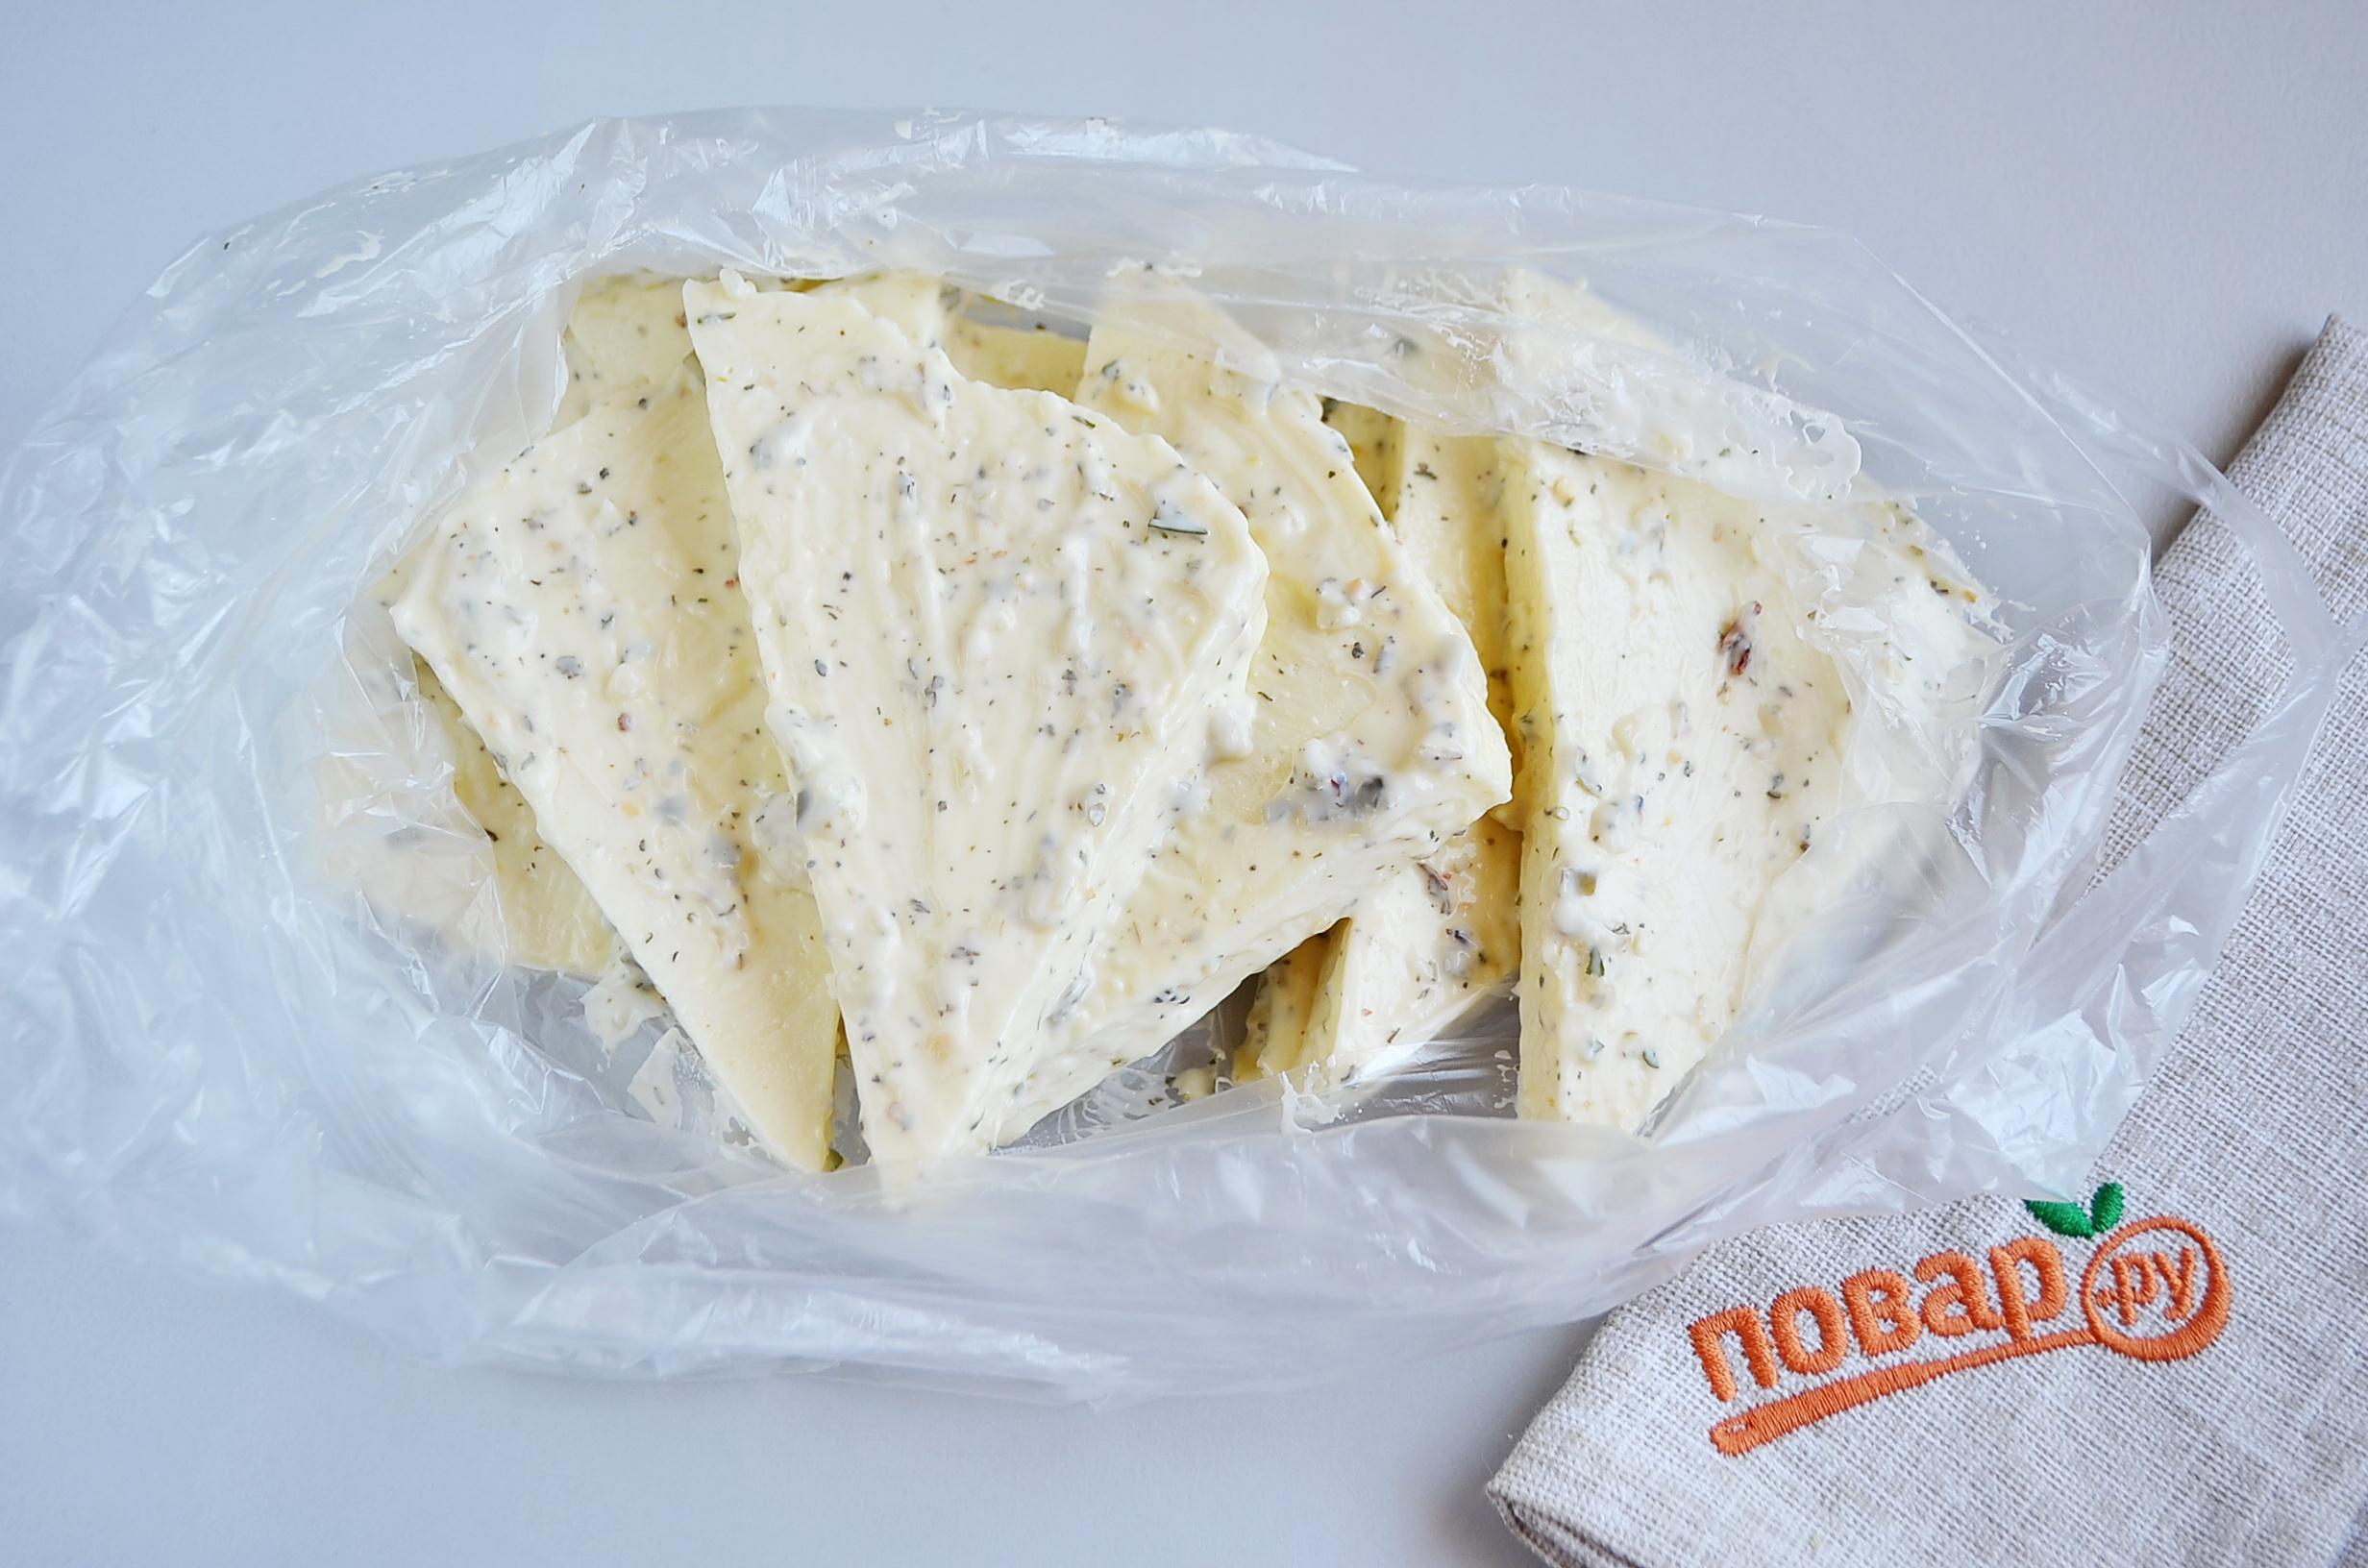 Сыр на мангале, шаг 2: маринуем сыр с чесноком, травами и соусом в пакете